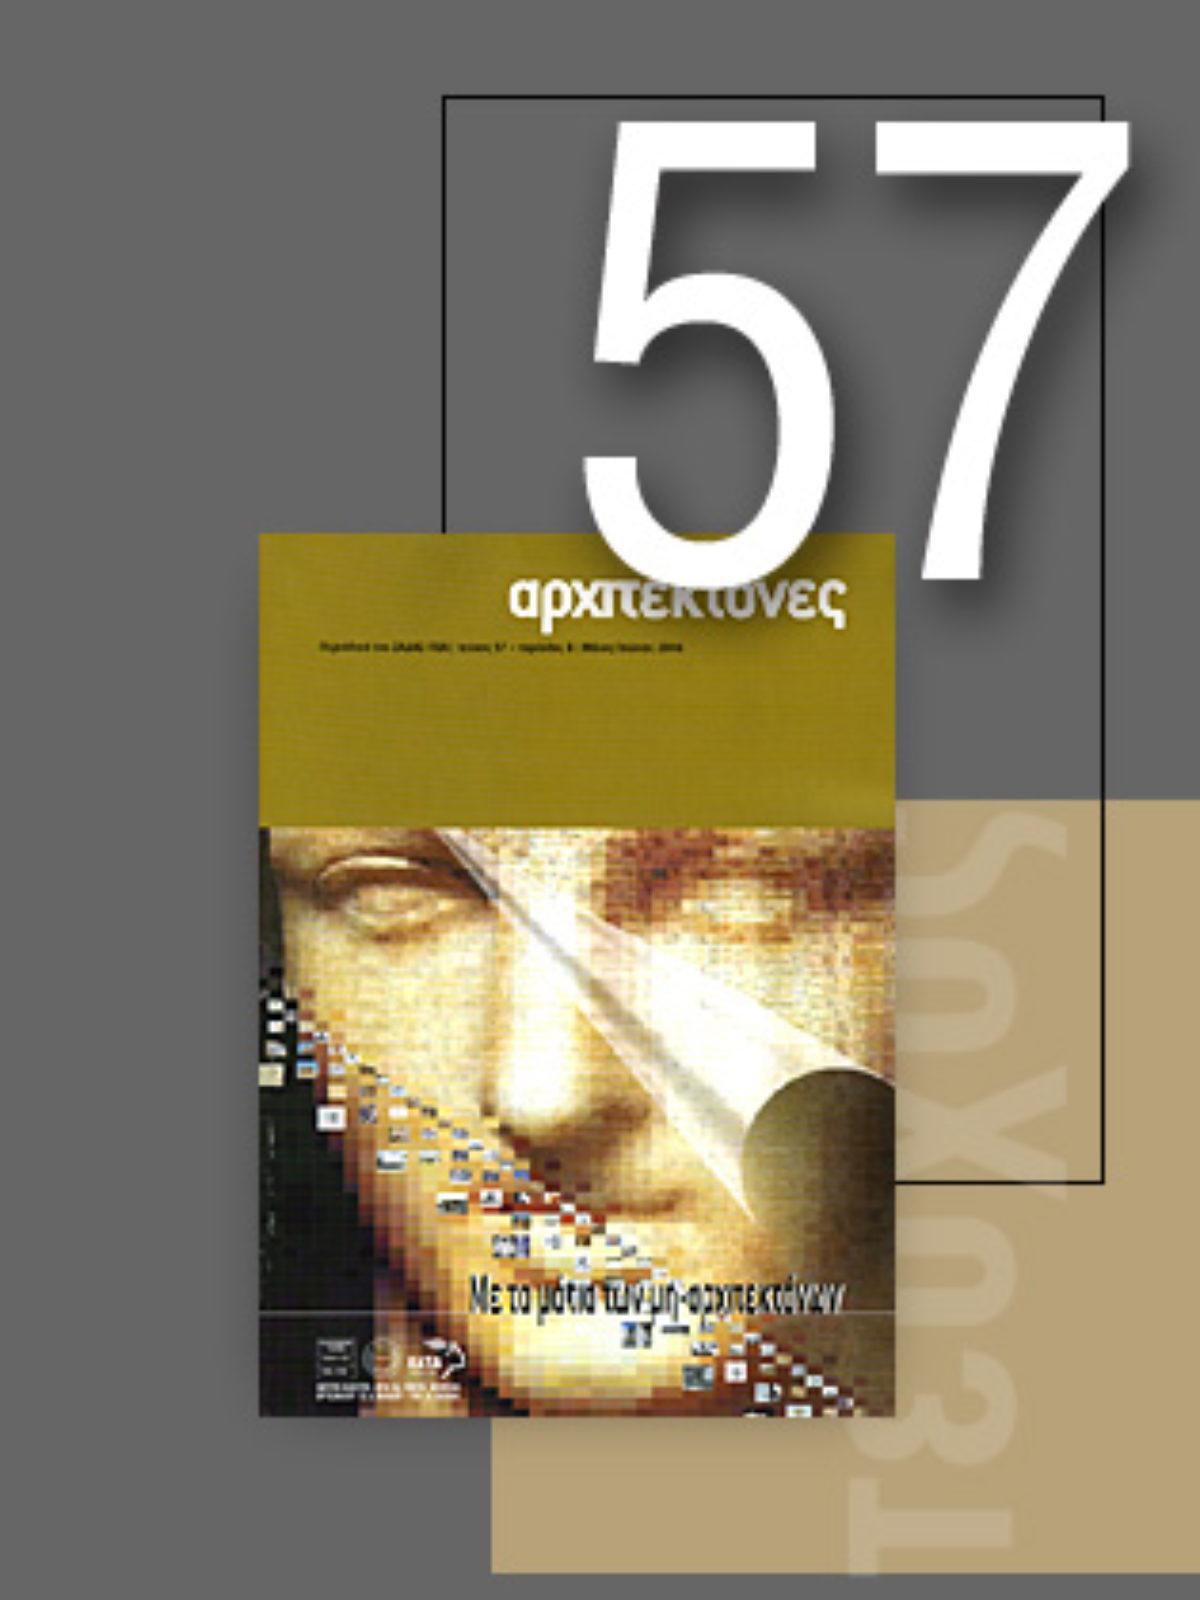 «Αρχιτέκτονες» Τεύχος 57, Περίοδος Β', Μάϊος/Ιούνιος 2006 | Με τα μάτια των μη-αρχιτεκτόνων